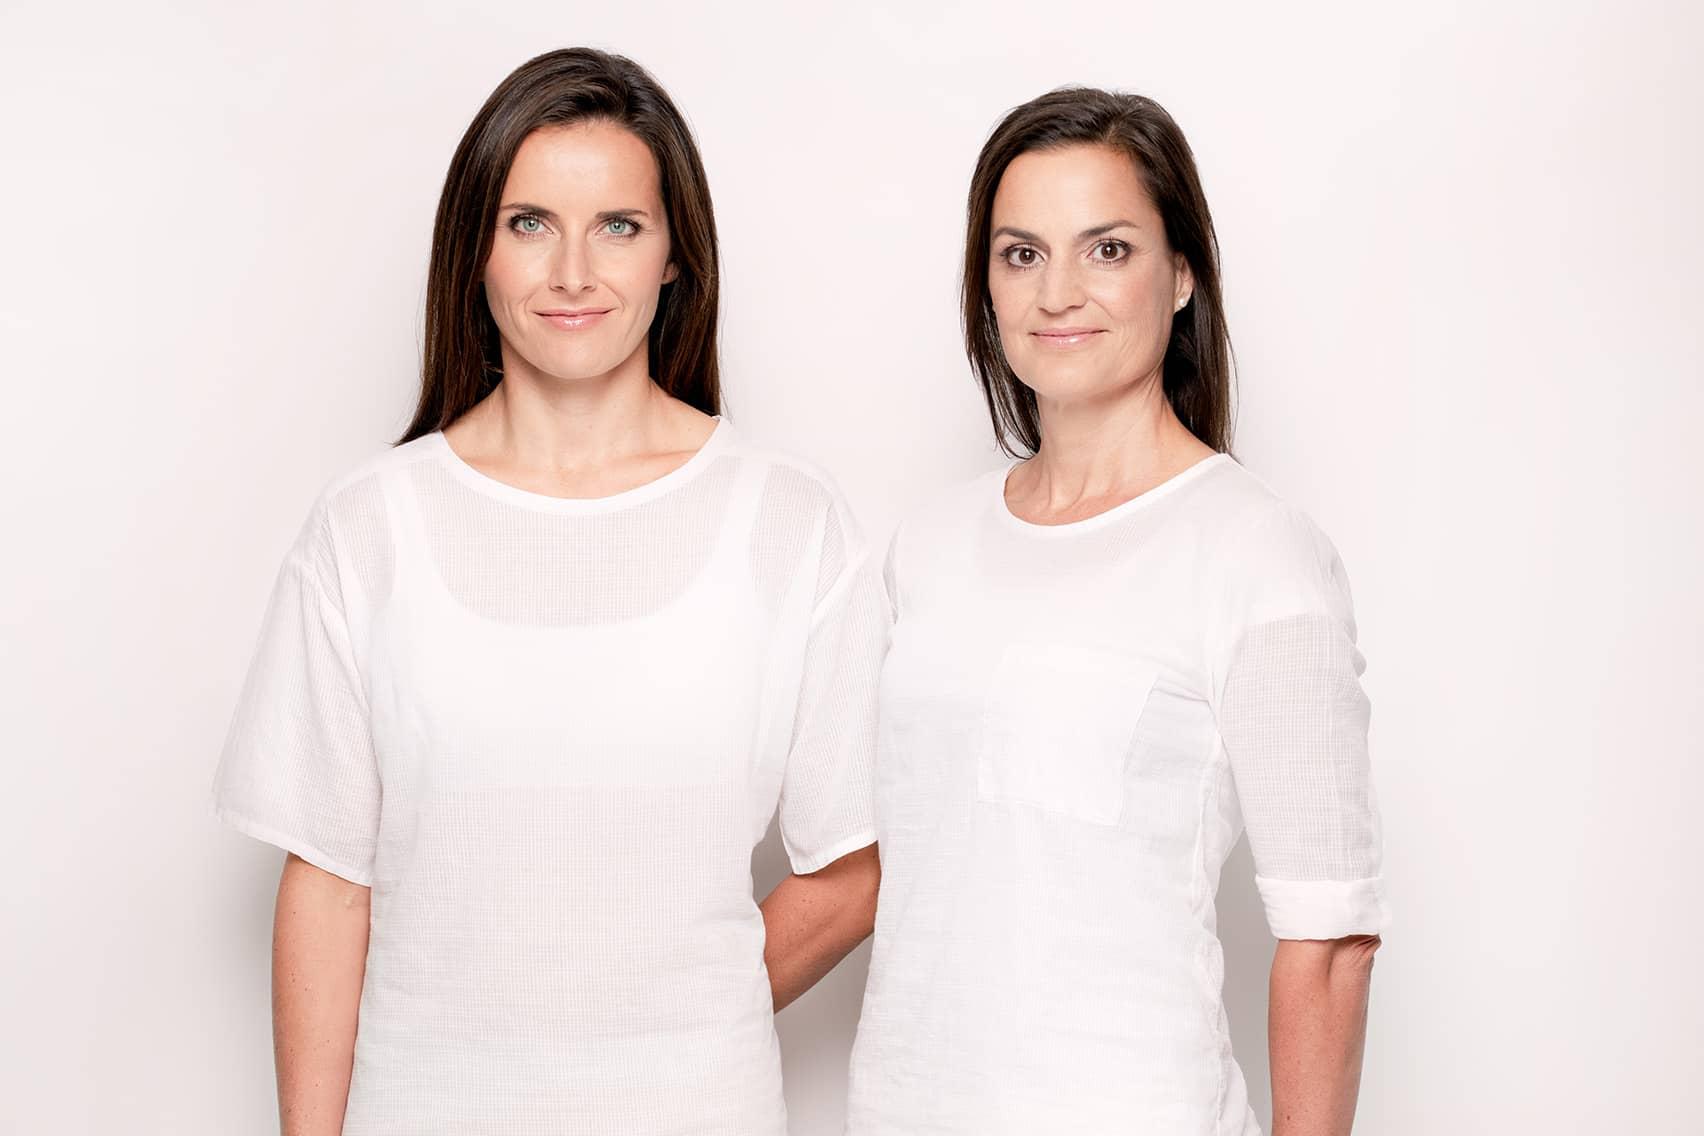 Dr. Monika Mattesich & Dr. Tanja Wachter, Plastische Chirurgie in Innsbruck und Schwaz I Die Plastischen Chirurginnen Tirol